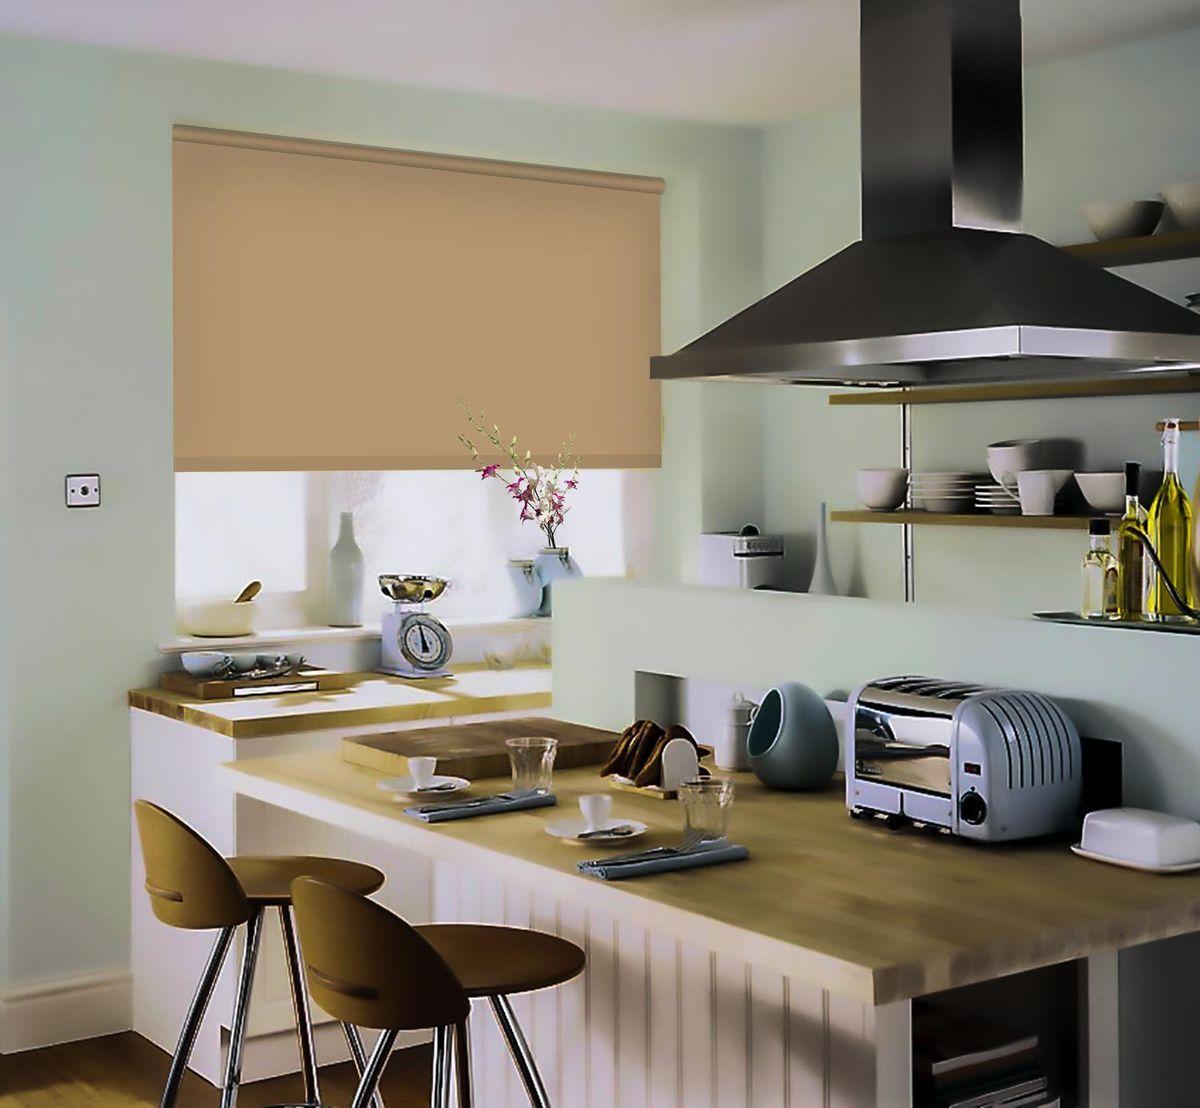 Штора рулонная Эскар, цвет: темно-бежевый, ширина 120 см, высота 170 см81209120170Рулонными шторами можно оформлять окна как самостоятельно, так и использовать в комбинации с портьерами. Это поможет предотвратить выгорание дорогой ткани на солнце и соединит функционал рулонных с красотой навесных.Преимущества применения рулонных штор для пластиковых окон:- имеют прекрасный внешний вид: многообразие и фактурность материала изделия отлично смотрятся в любом интерьере; - многофункциональны: есть возможность подобрать шторы способные эффективно защитить комнату от солнца, при этом о на не будет слишком темной. - Есть возможность осуществить быстрый монтаж. ВНИМАНИЕ! Размеры ширины изделия указаны по ширине ткани!Во время эксплуатации не рекомендуется полностью разматывать рулон, чтобы не оторвать ткань от намоточного вала.В случае загрязнения поверхности ткани, чистку шторы проводят одним из способов, в зависимости от типа загрязнения: легкое поверхностное загрязнение можно удалить при помощи канцелярского ластика; чистка от пыли производится сухим методом при помощи пылесоса с мягкой щеткой-насадкой; для удаления пятна используйте мягкую губку с пенообразующим неагрессивным моющим средством или пятновыводитель на натуральной основе (нельзя применять растворители).